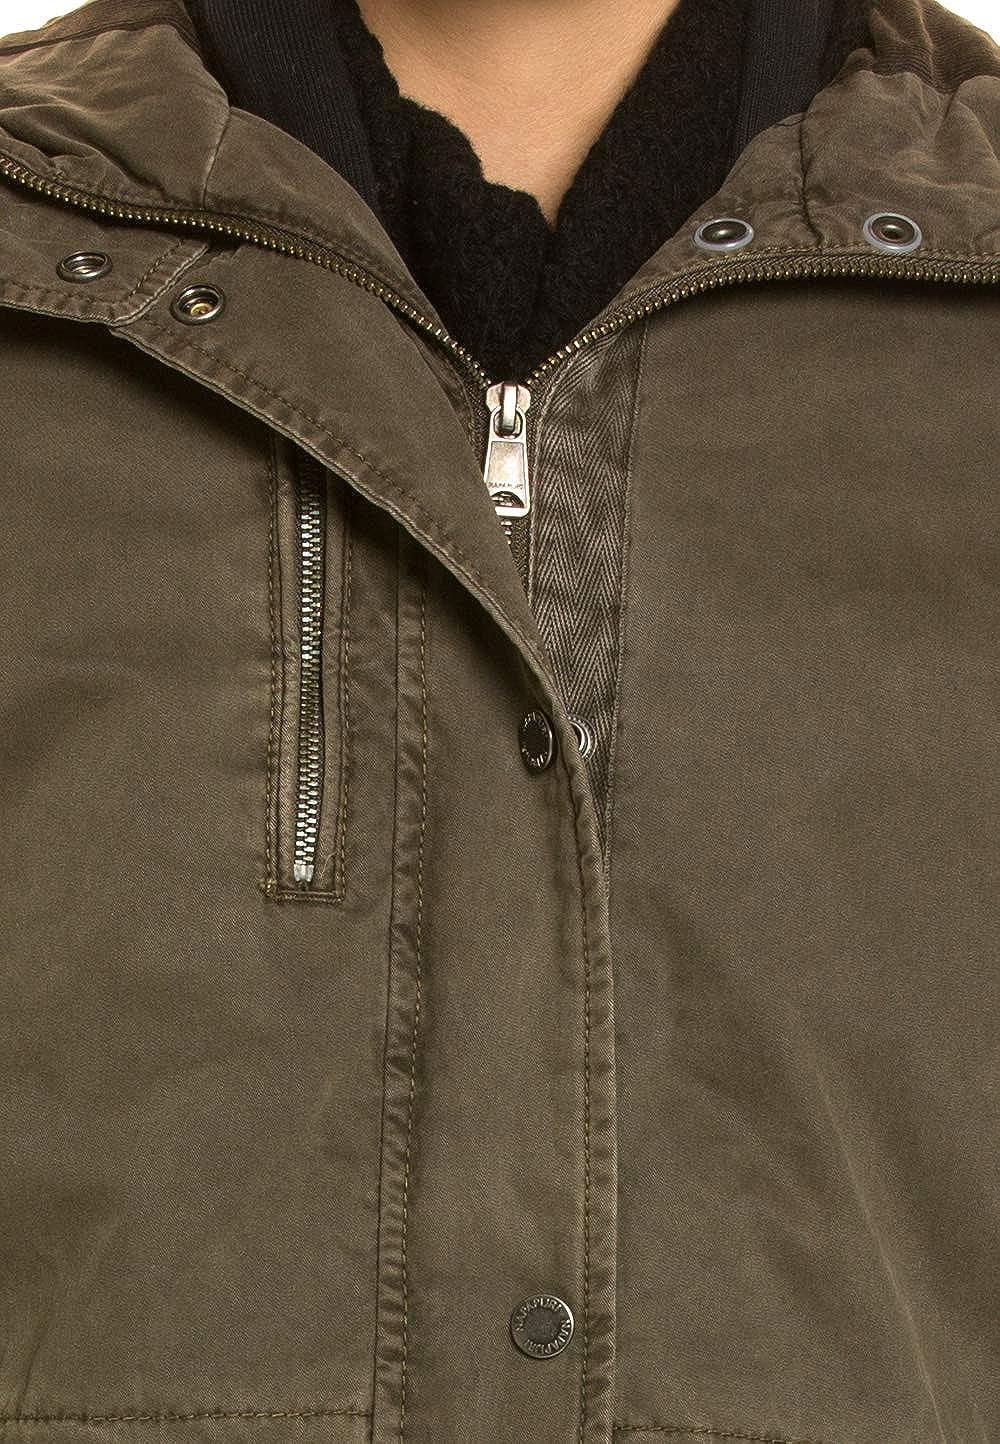 Napapijri Damen Warme Jacke Parka Optik: : Bekleidung